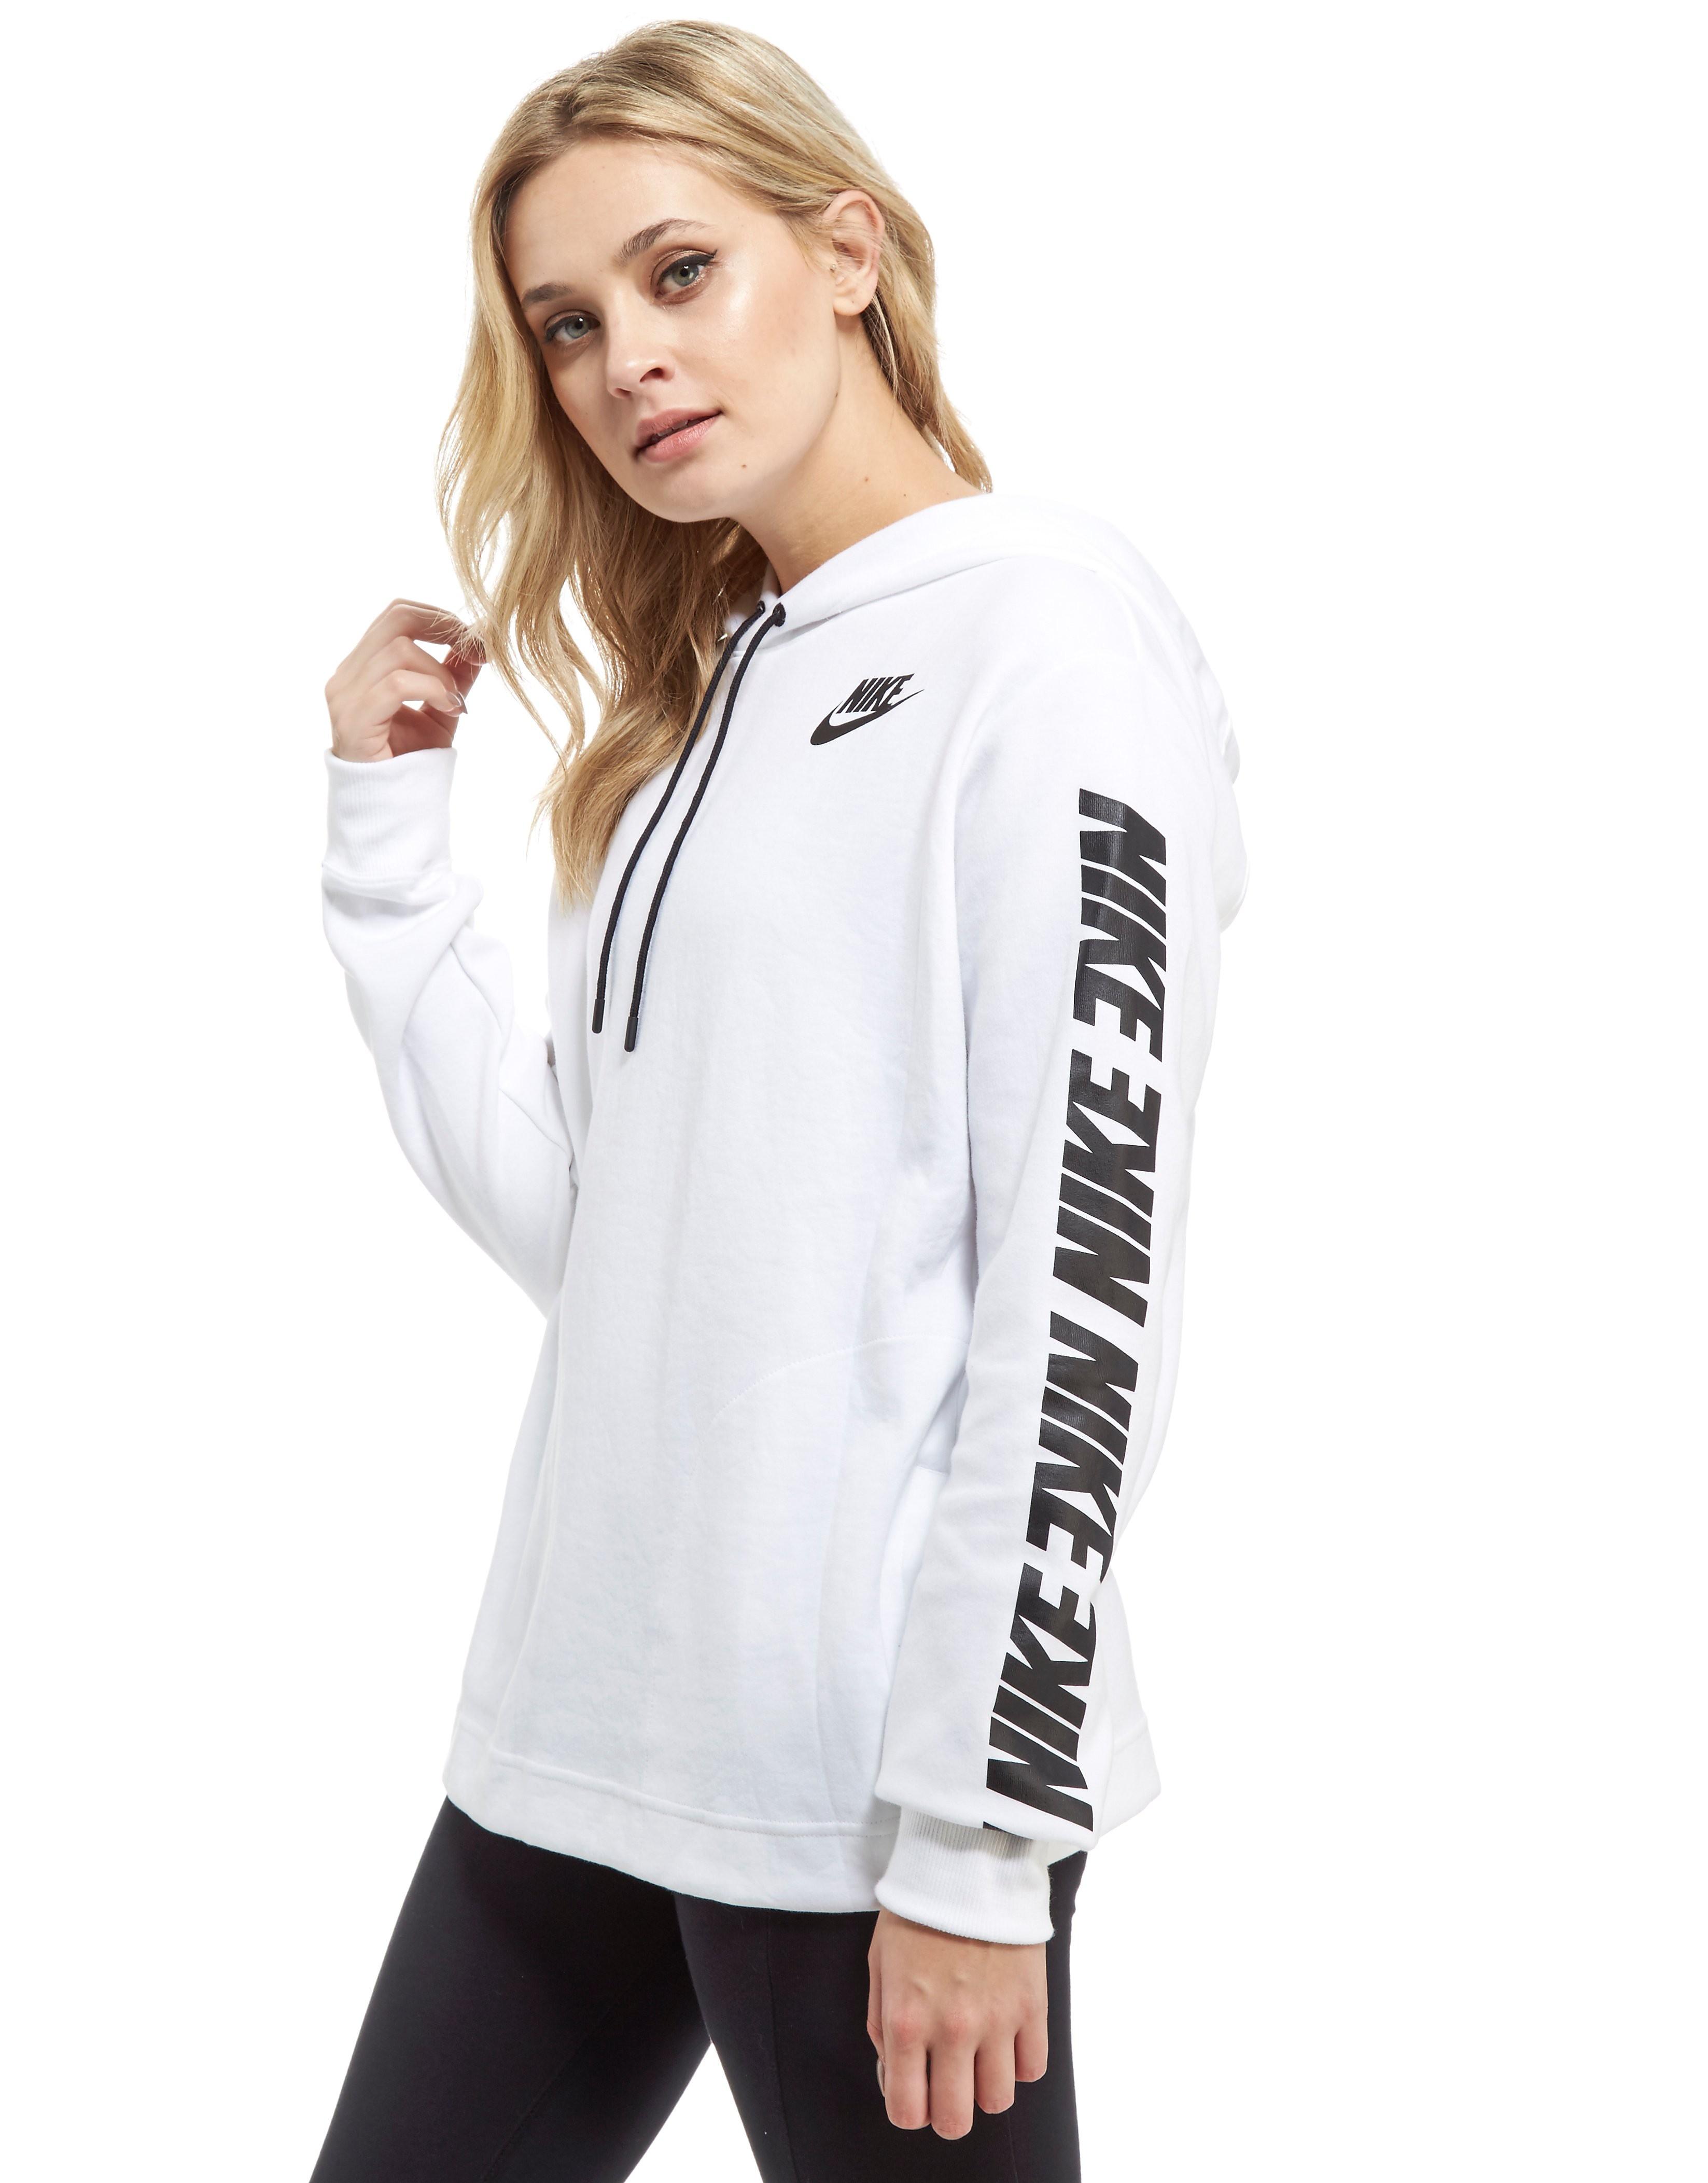 Nike Advance 15 Kapuzenpullover